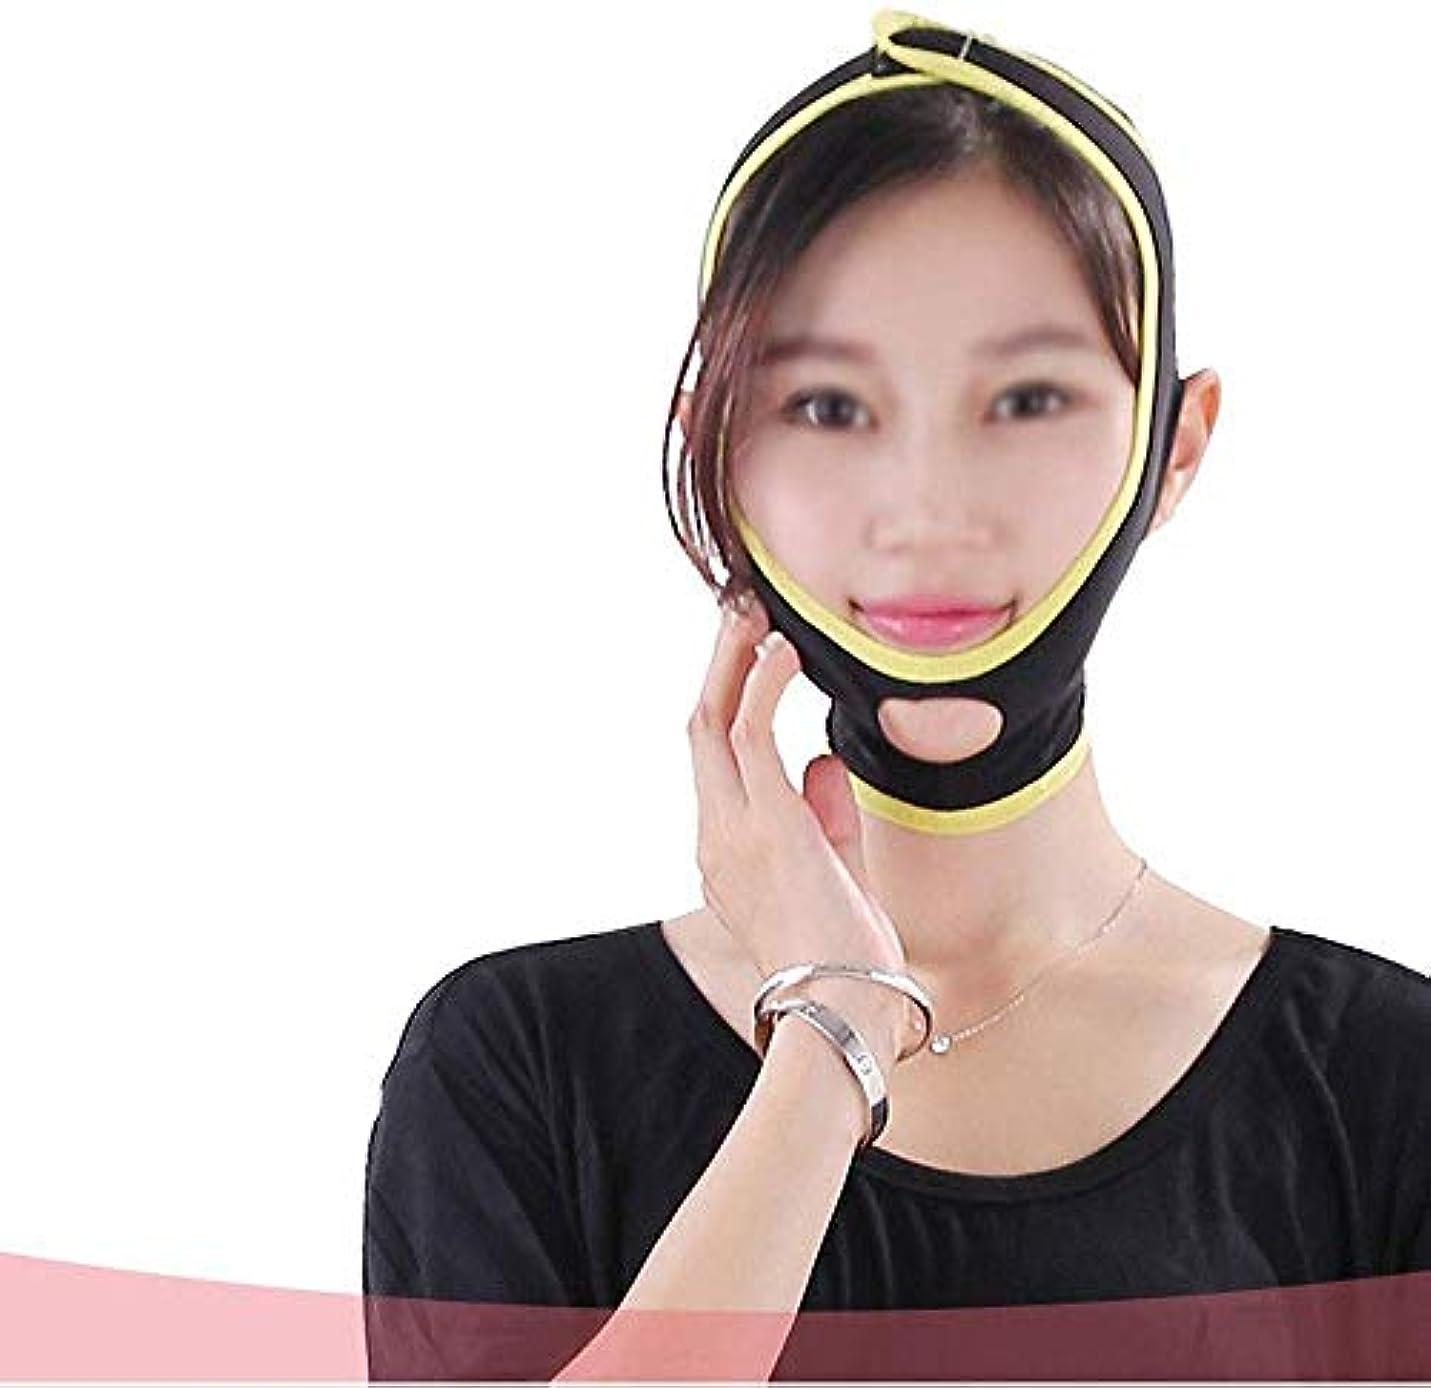 徹底唯一攻撃スリミングVフェイスマスク、薄型フェイスバンデージ、通気性睡眠スモールVフェイスマスクリフト引き締め肌アーティファクトダブルチン顔の減量包帯(サイズ:M)